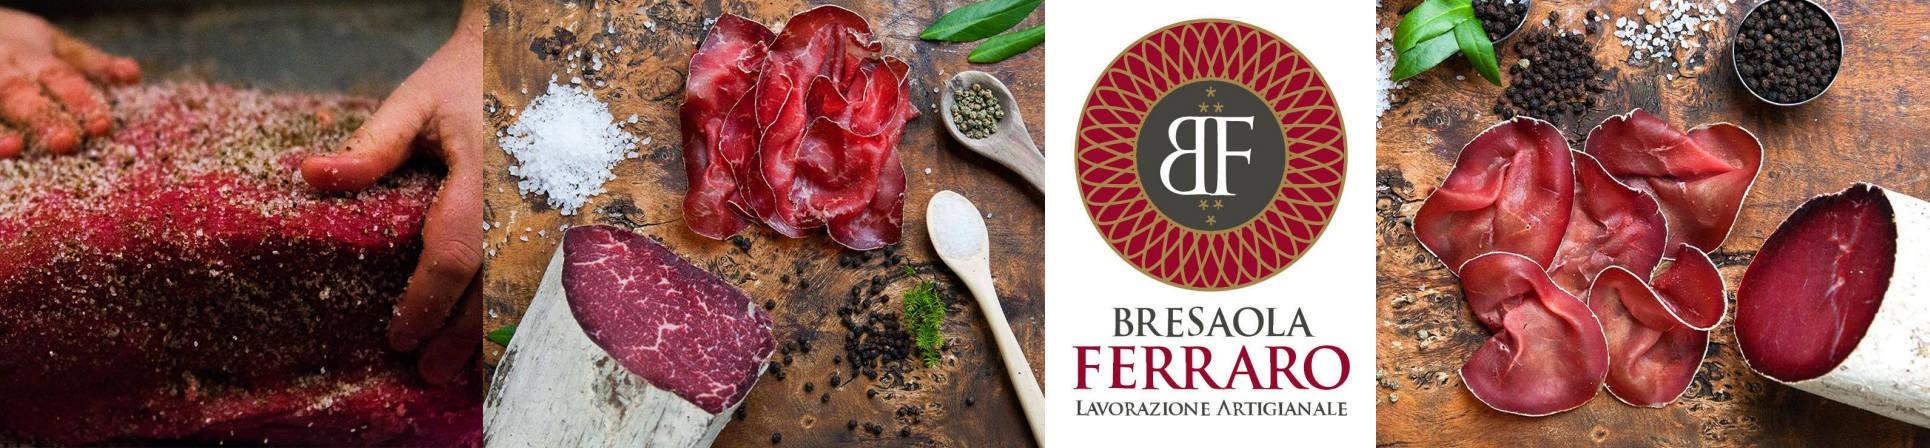 B2B GUSTOX - il Marketplace all'ingrosso delle eccellenze agroalimentari italiane - Bresaola FERRARO